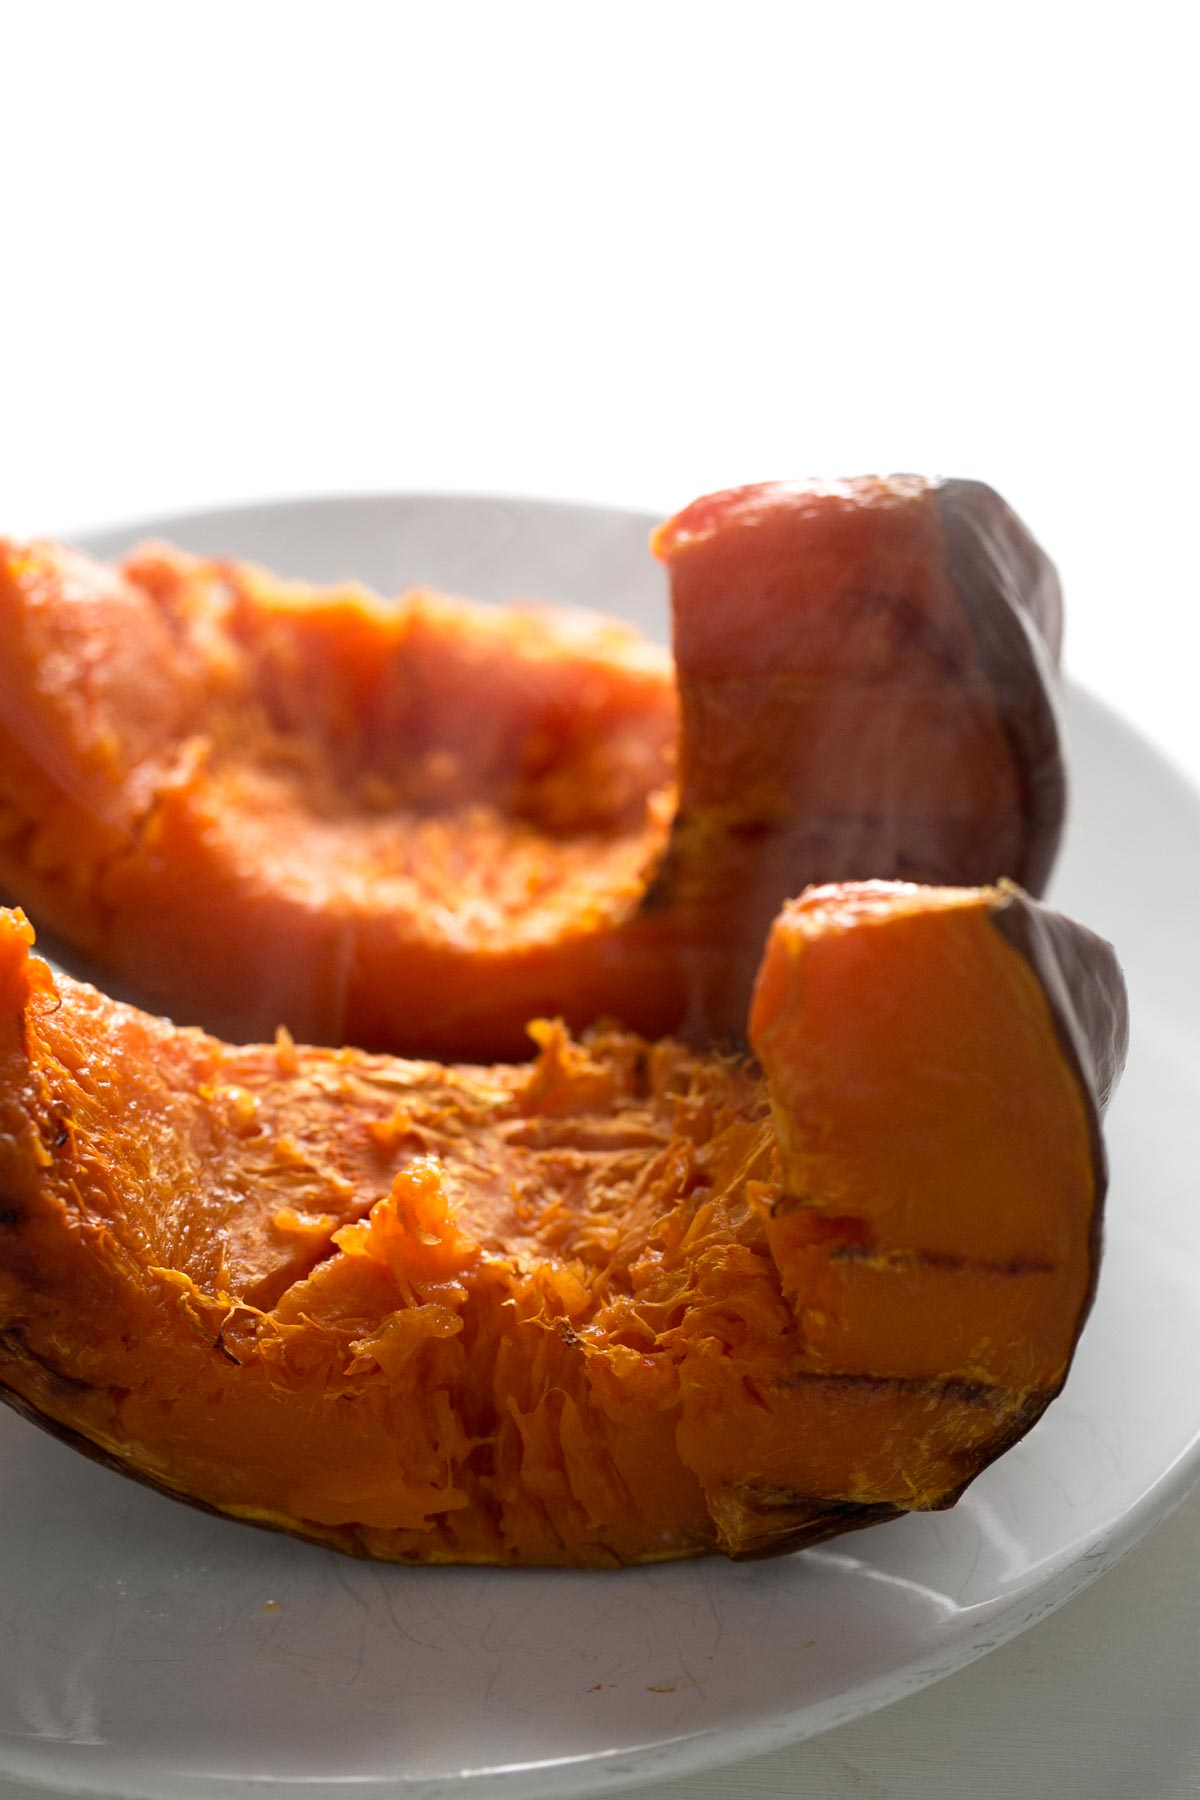 Puré de Calabaza Casero - El puré de calabaza es un ingrediente muy popular en la cocina americana y es muy fácil de preparar, sólo se necesita un ingrediente: calabaza.